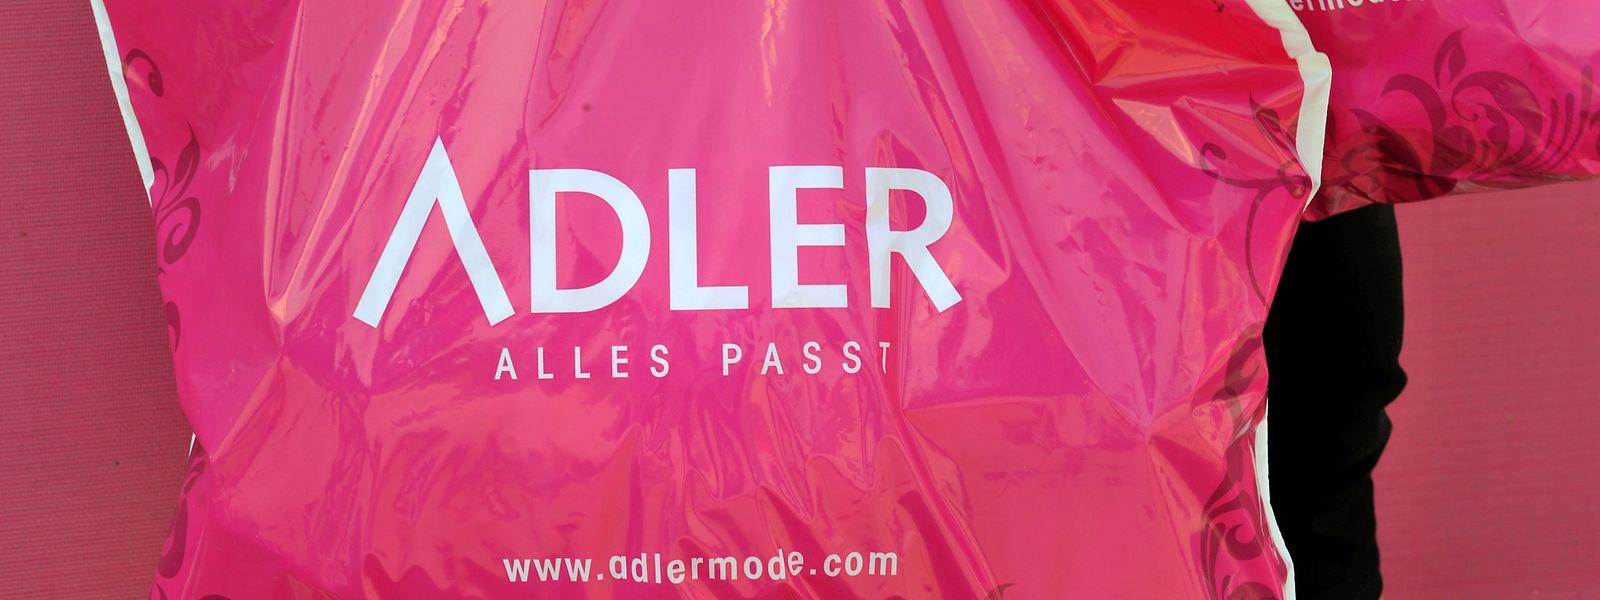 Die Adler Modemärkte in Luxemburg bleiben erhalten.